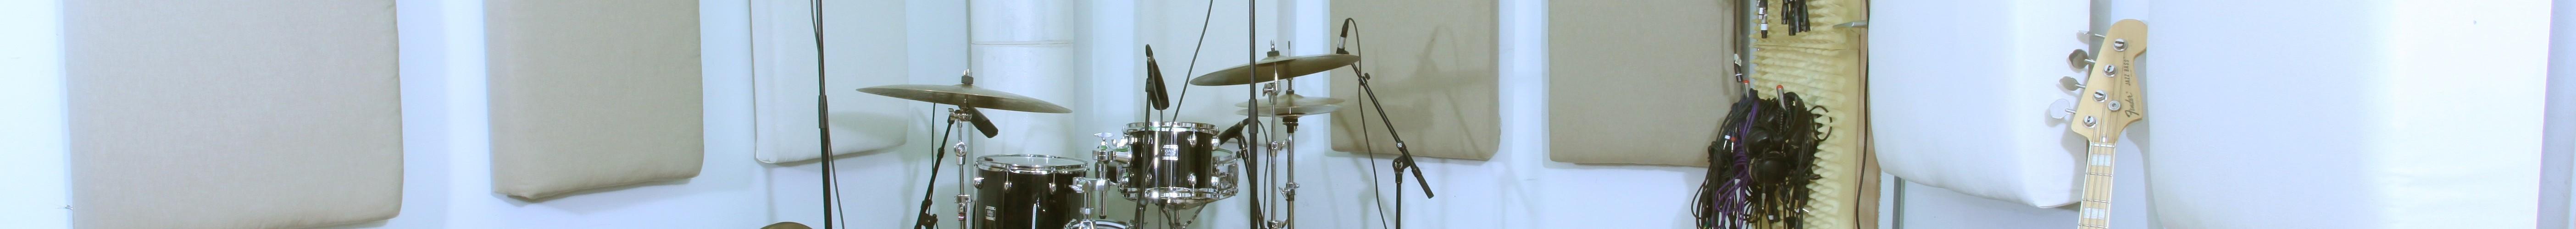 Souldust Studio 1